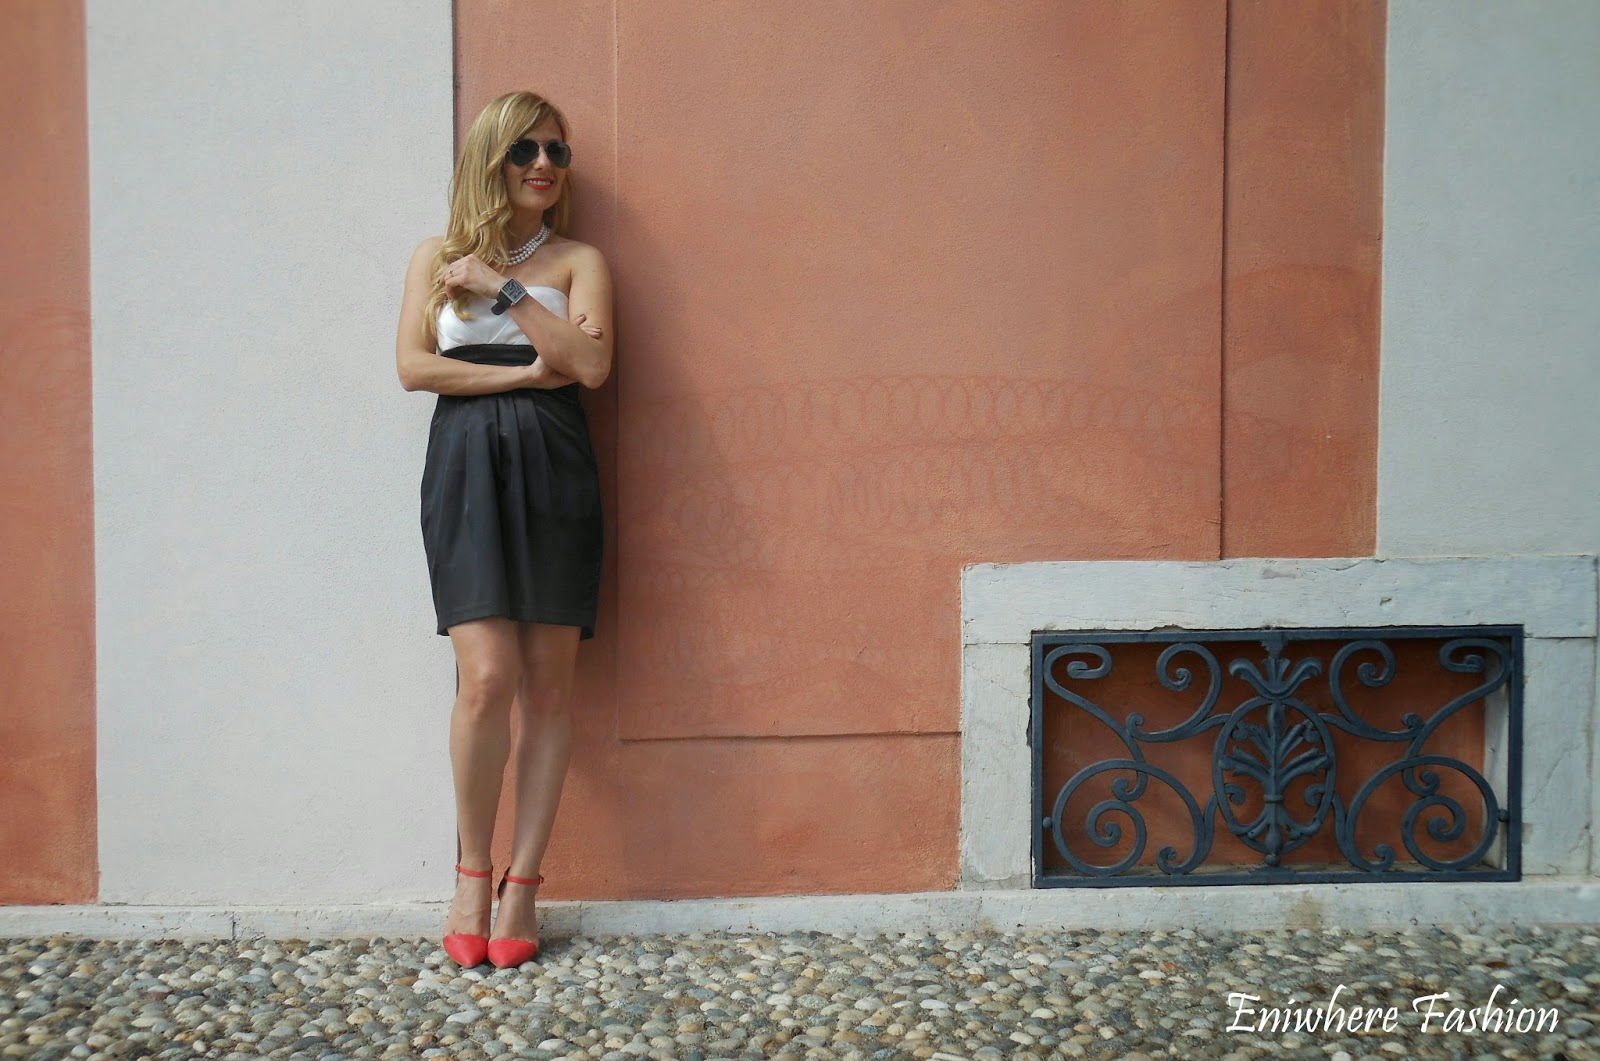 Eniwhere Fashion matrimonio vestito nero